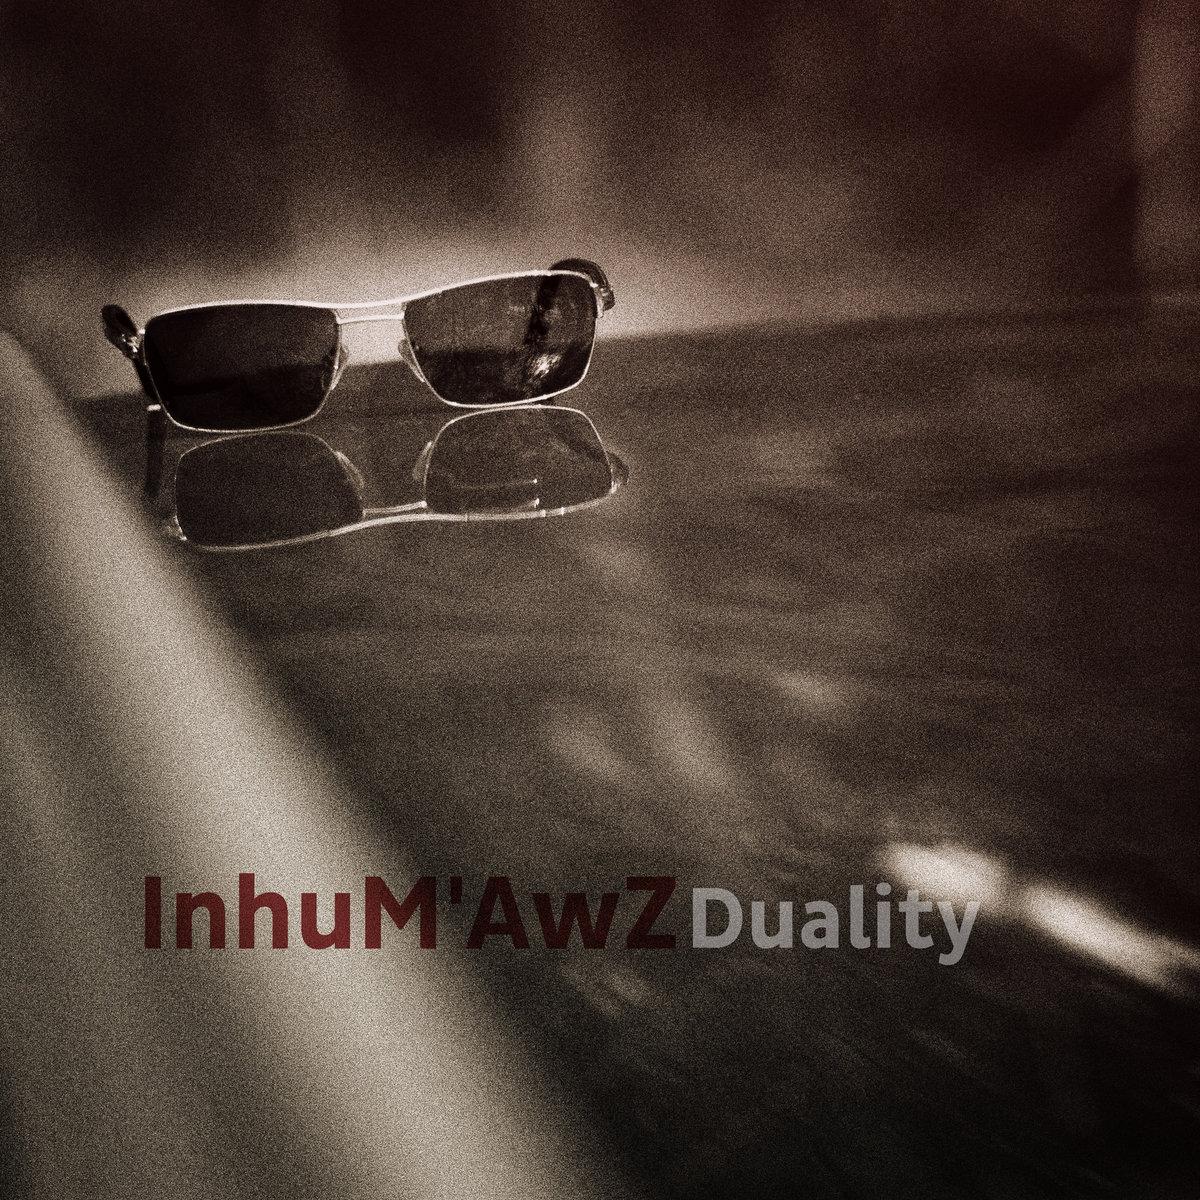 InhuM'AwZ – Duality